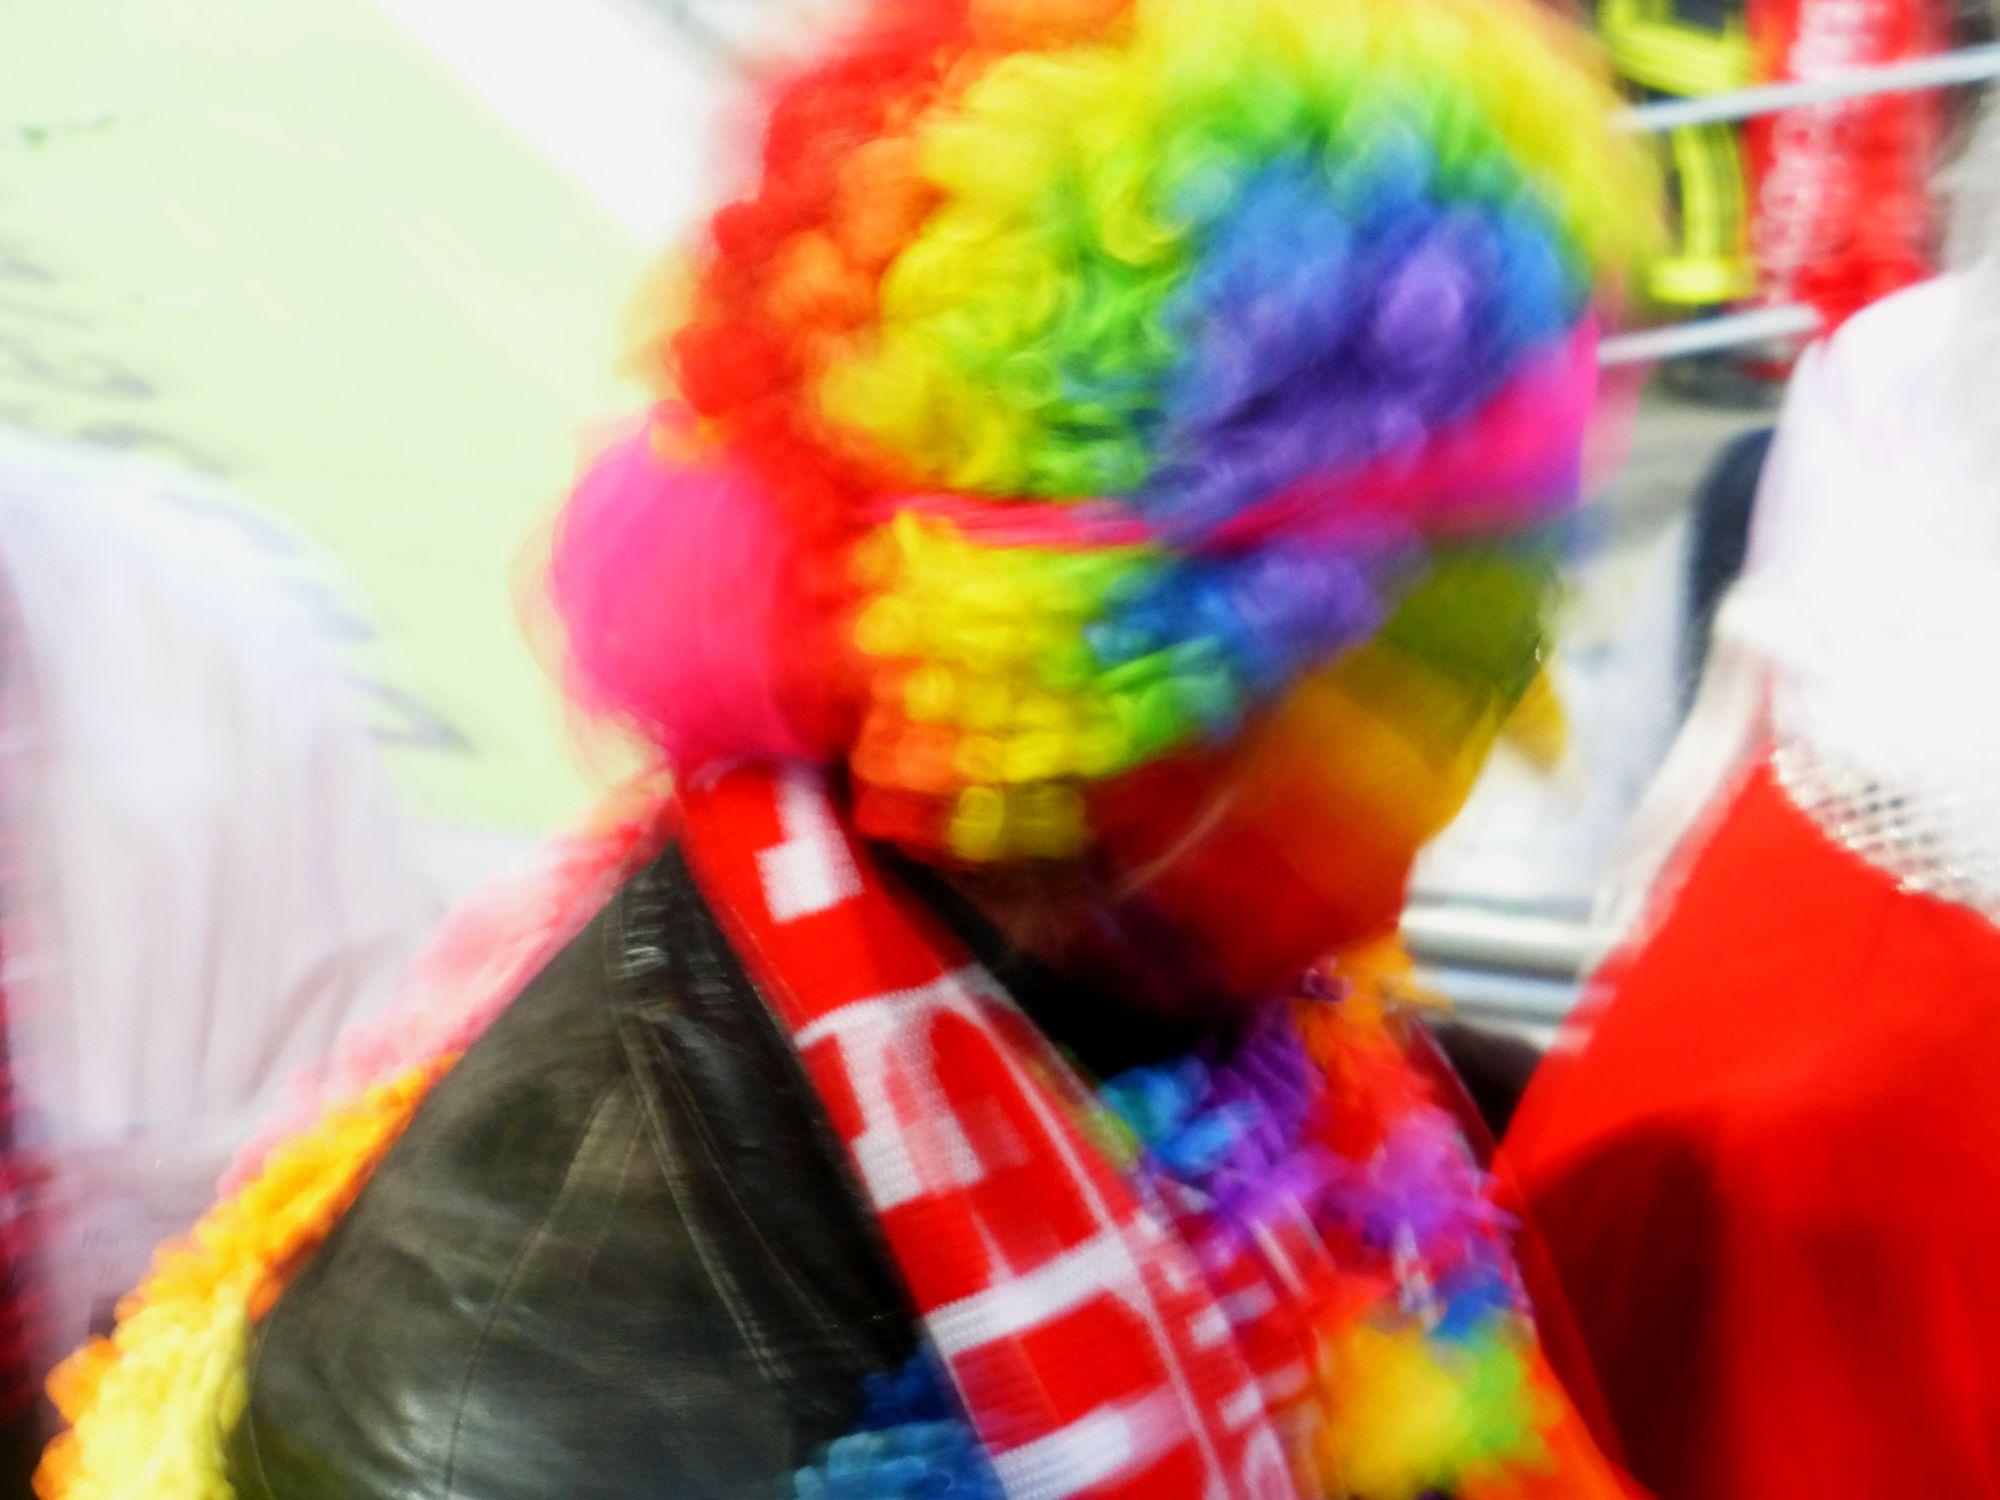 Fortuna-Punkte 2016/17: Karneval, Fußball & Kommunismus